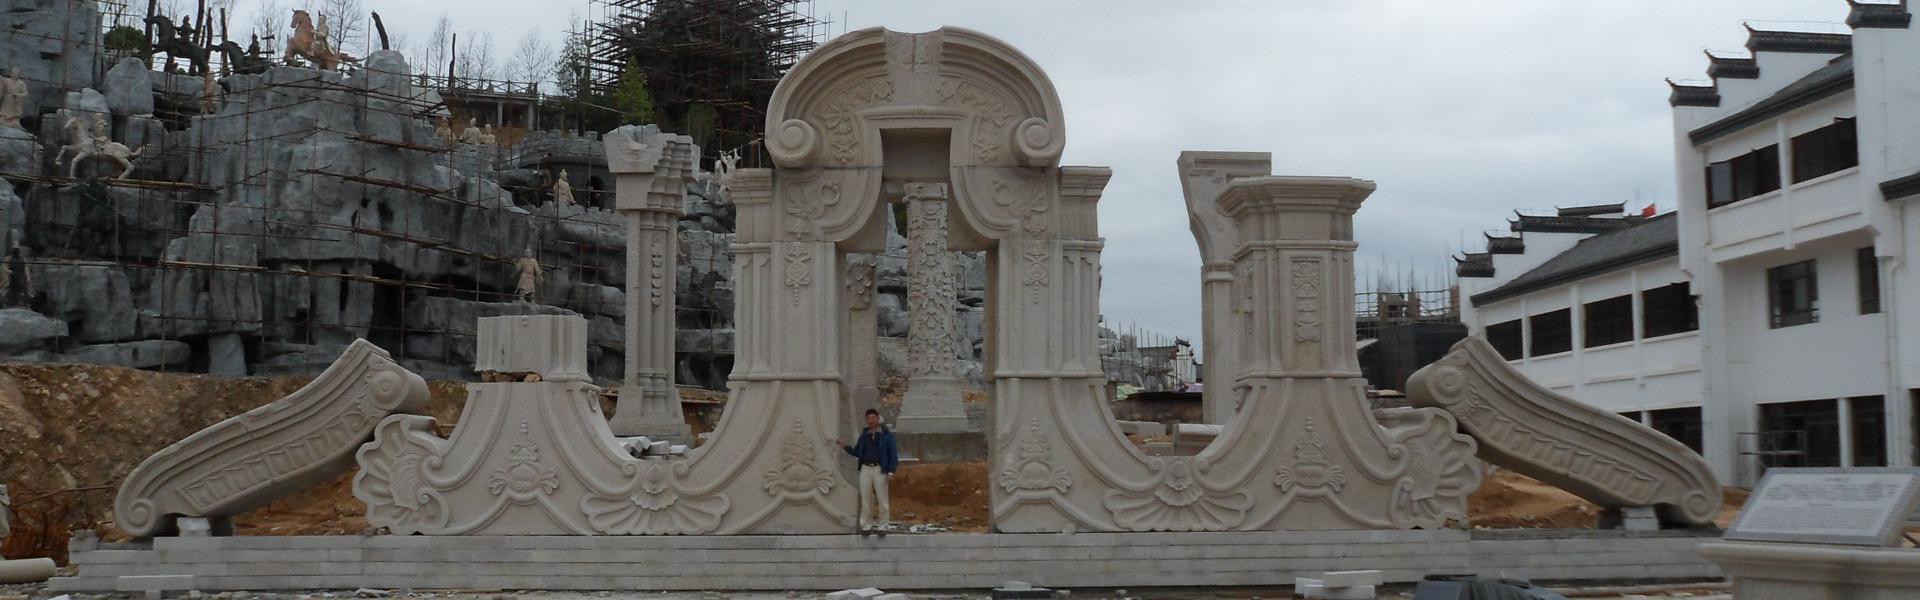 圆明园景观石雕工艺品